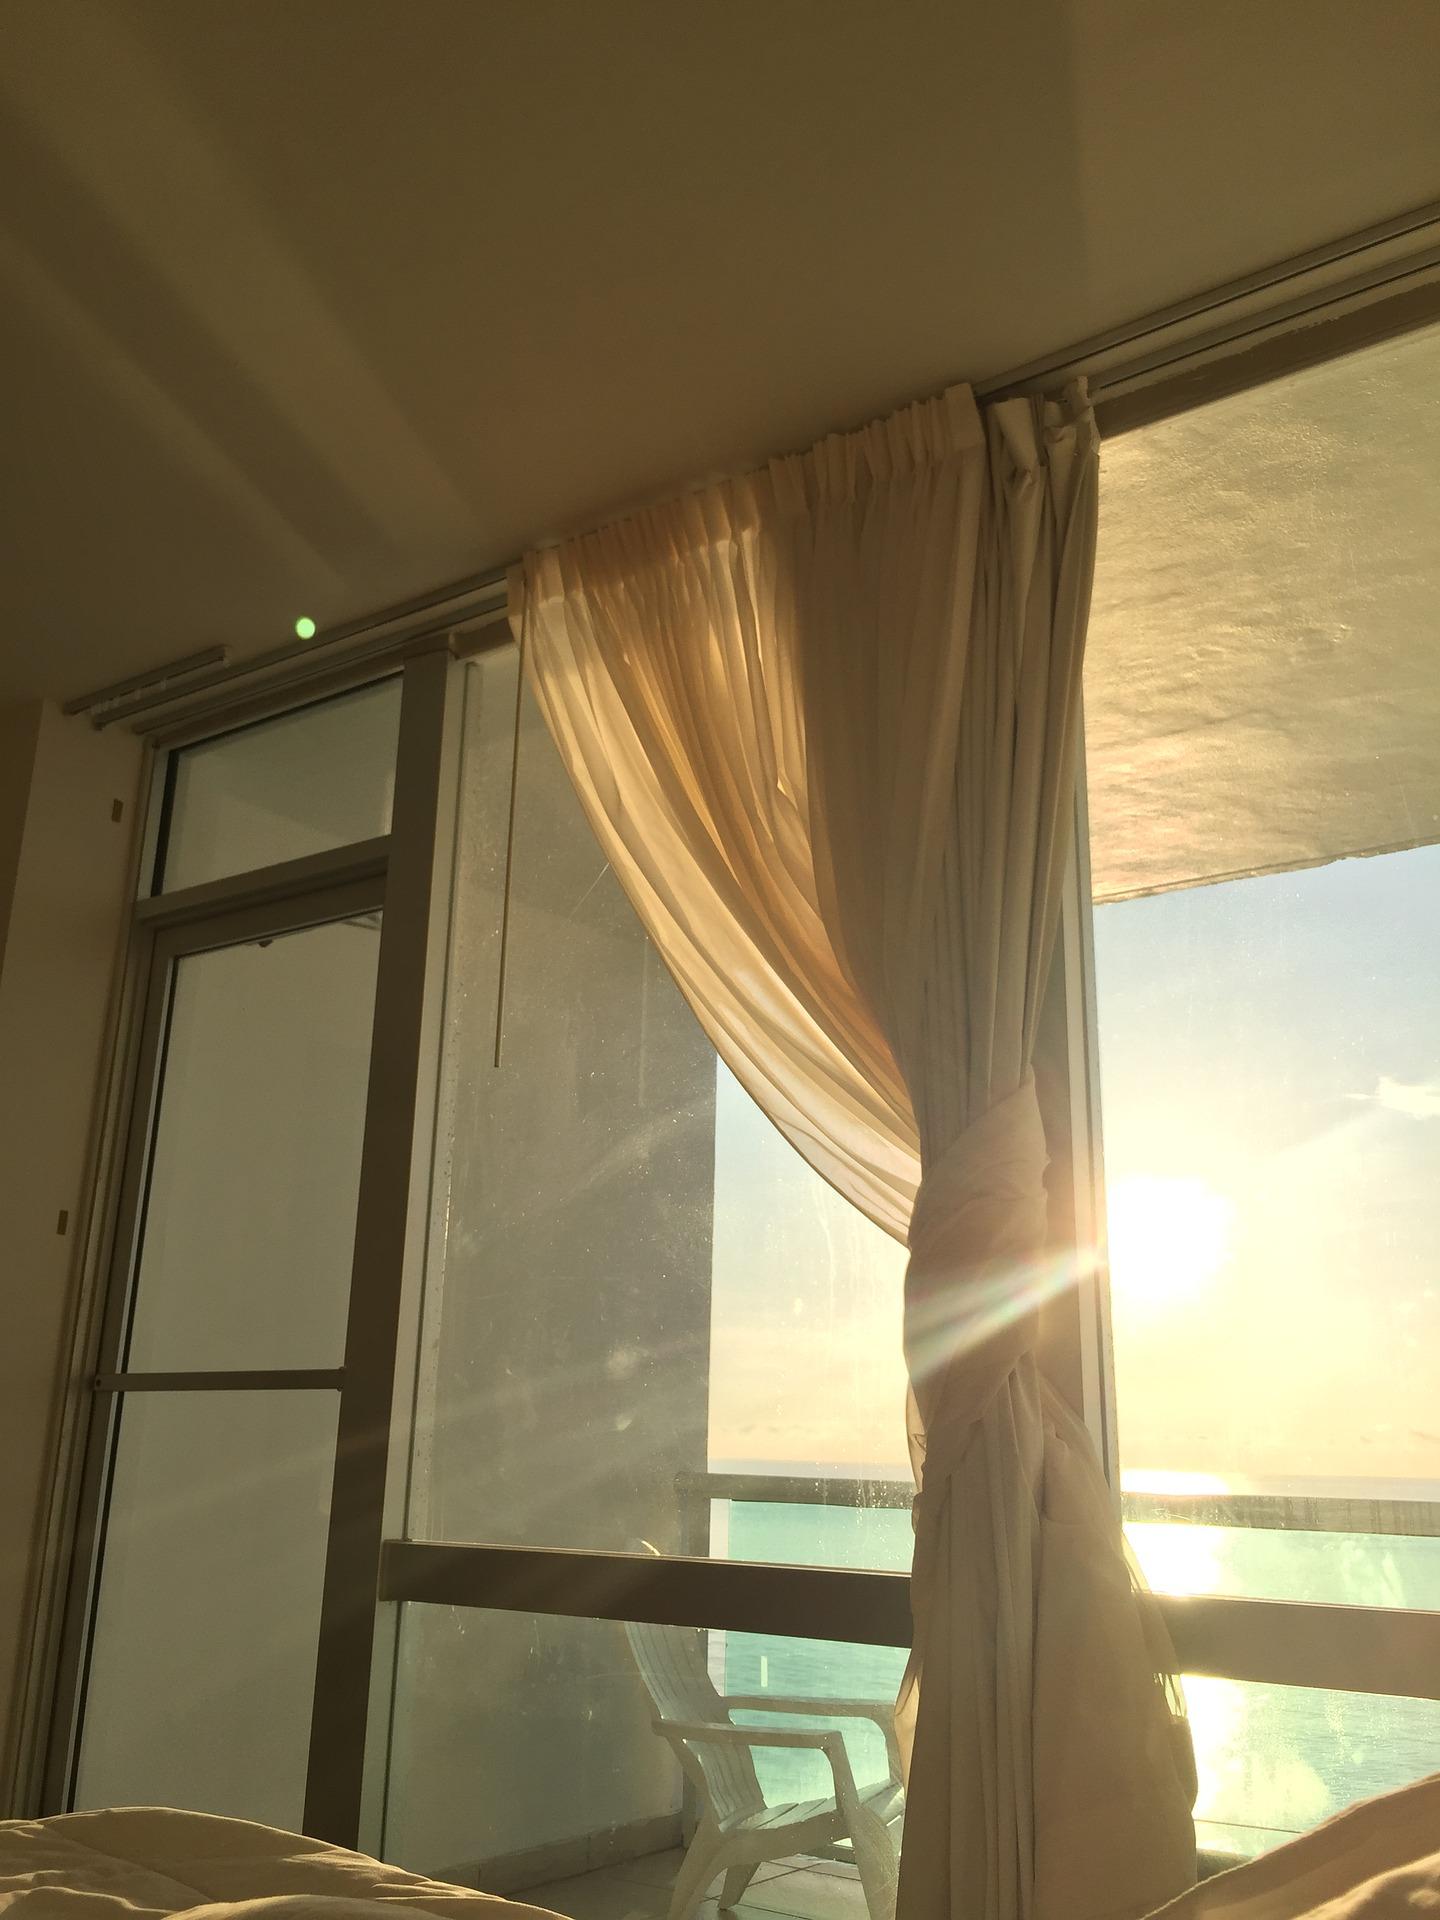 朝に自分を褒めて気持ちのいい一日を過ごす